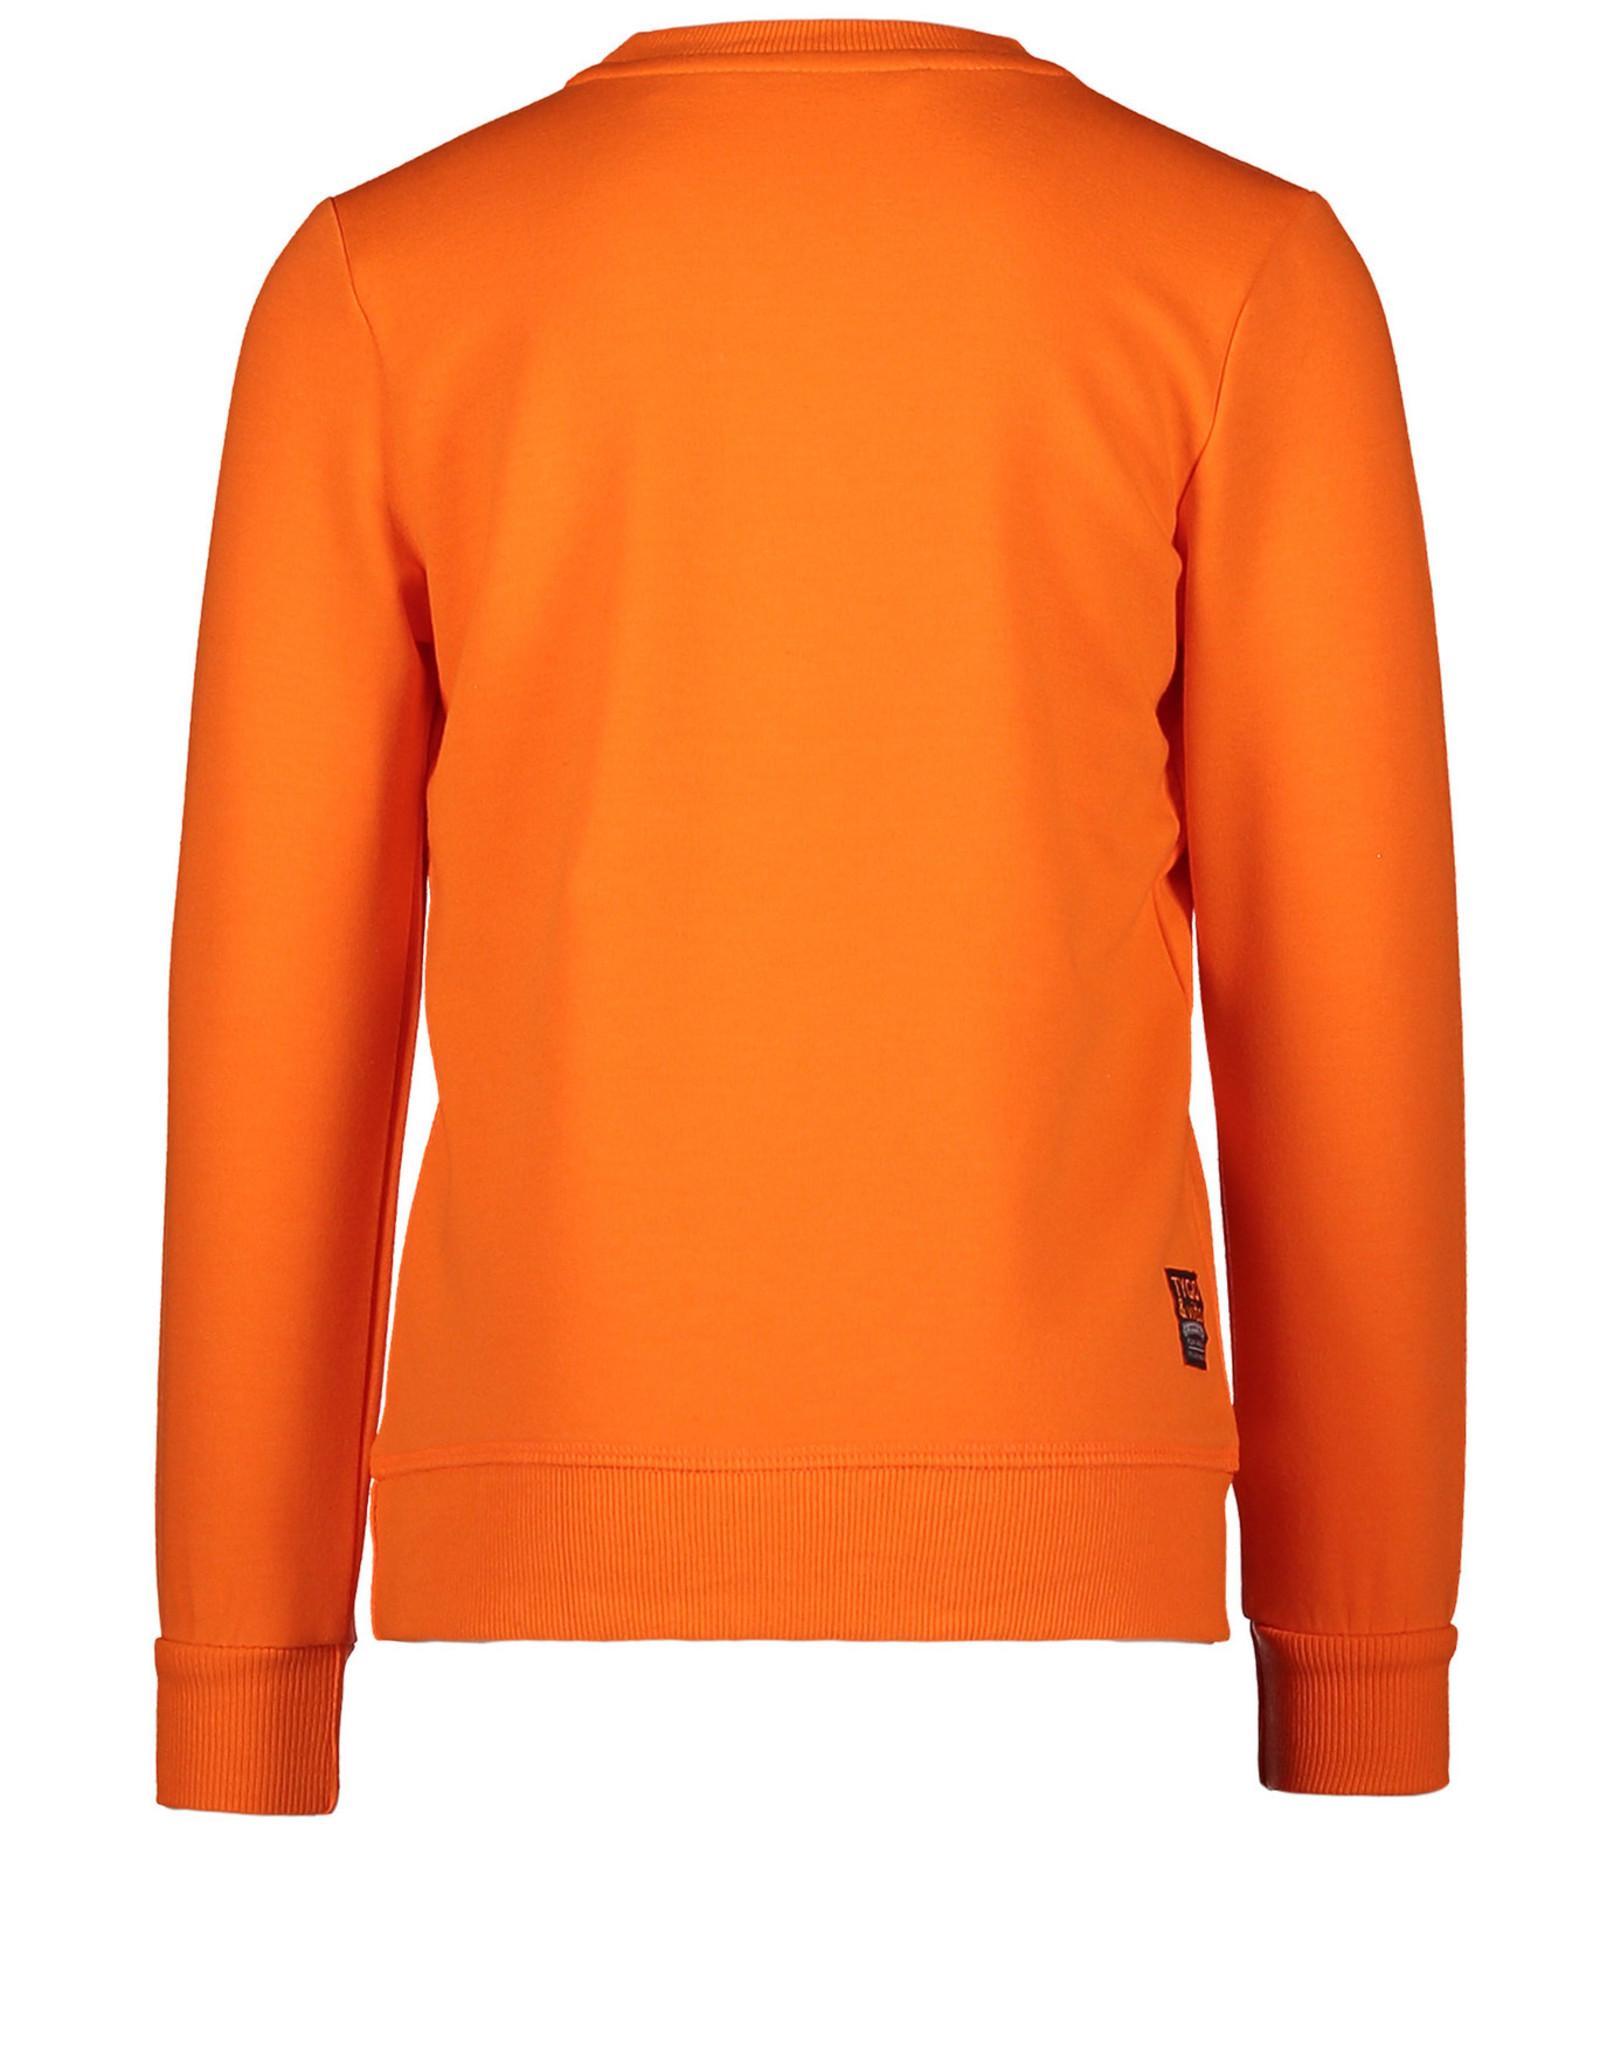 Tygo&Vito Tygo&Vito sweater 6320 shocking orange